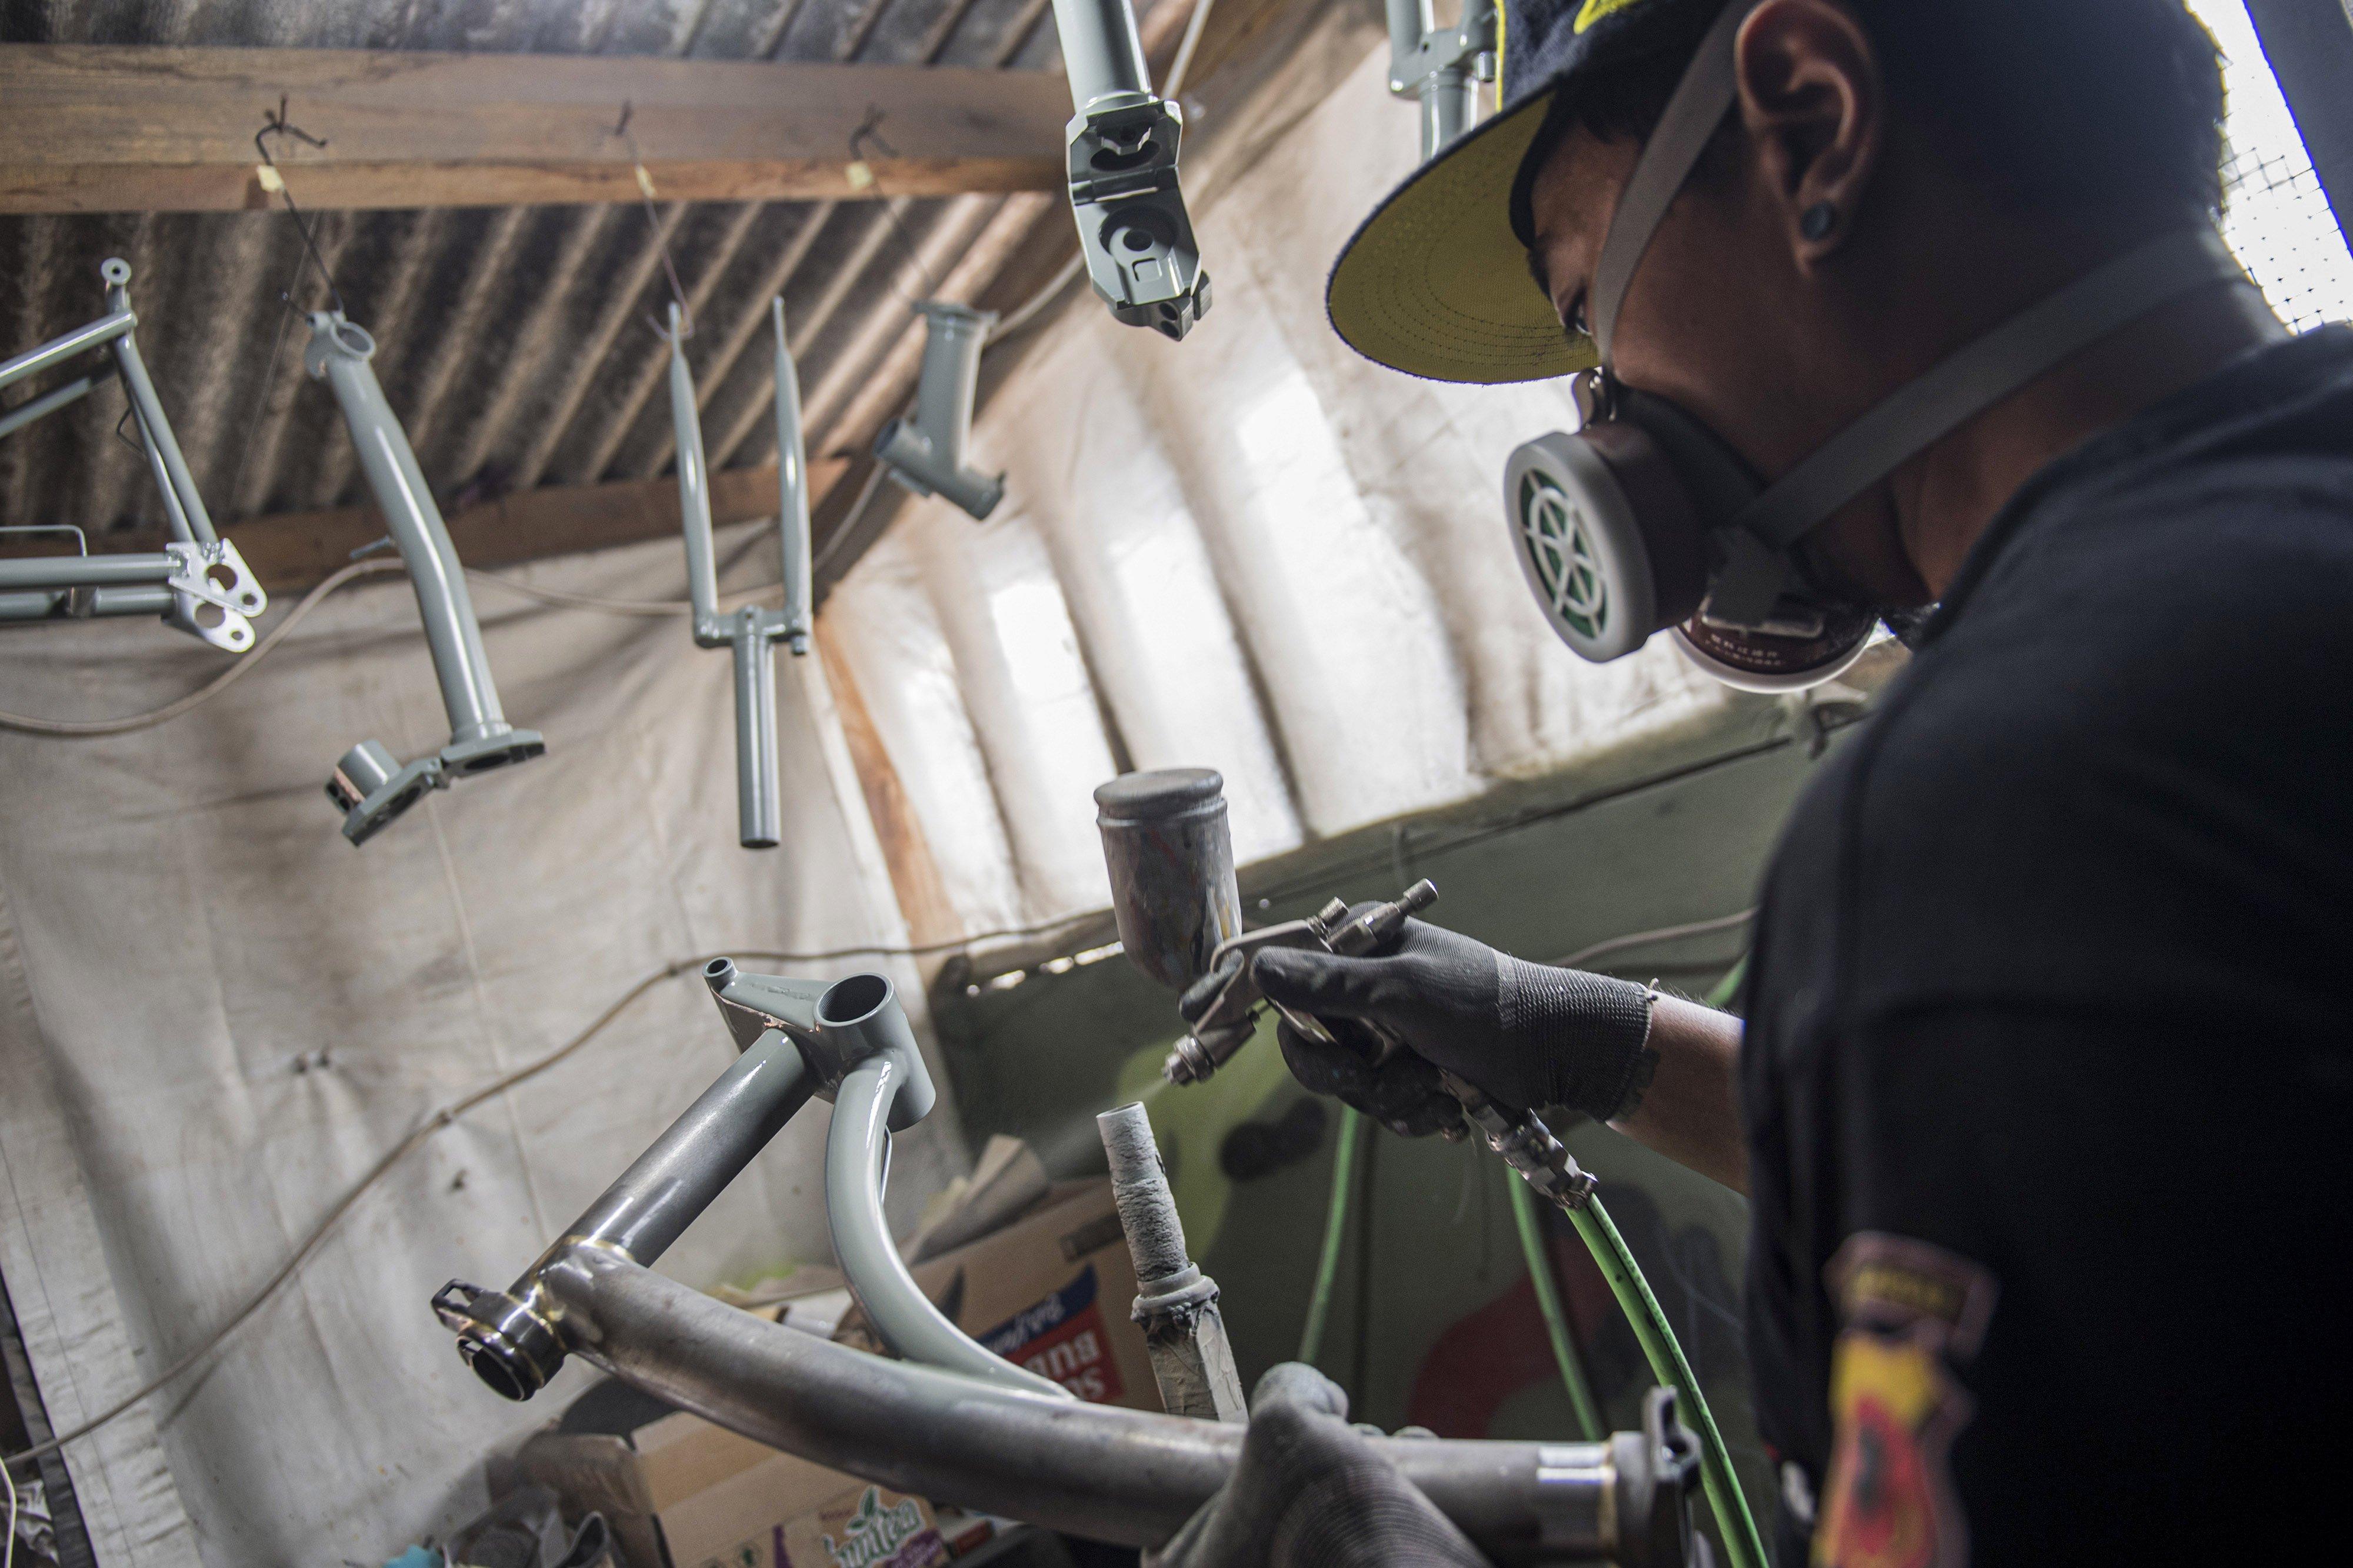 Pekerja mengecat rangka (main frame) sepeda lipat Kreuz di Bandung, Jawa Barat, Senin (23/11/2020).